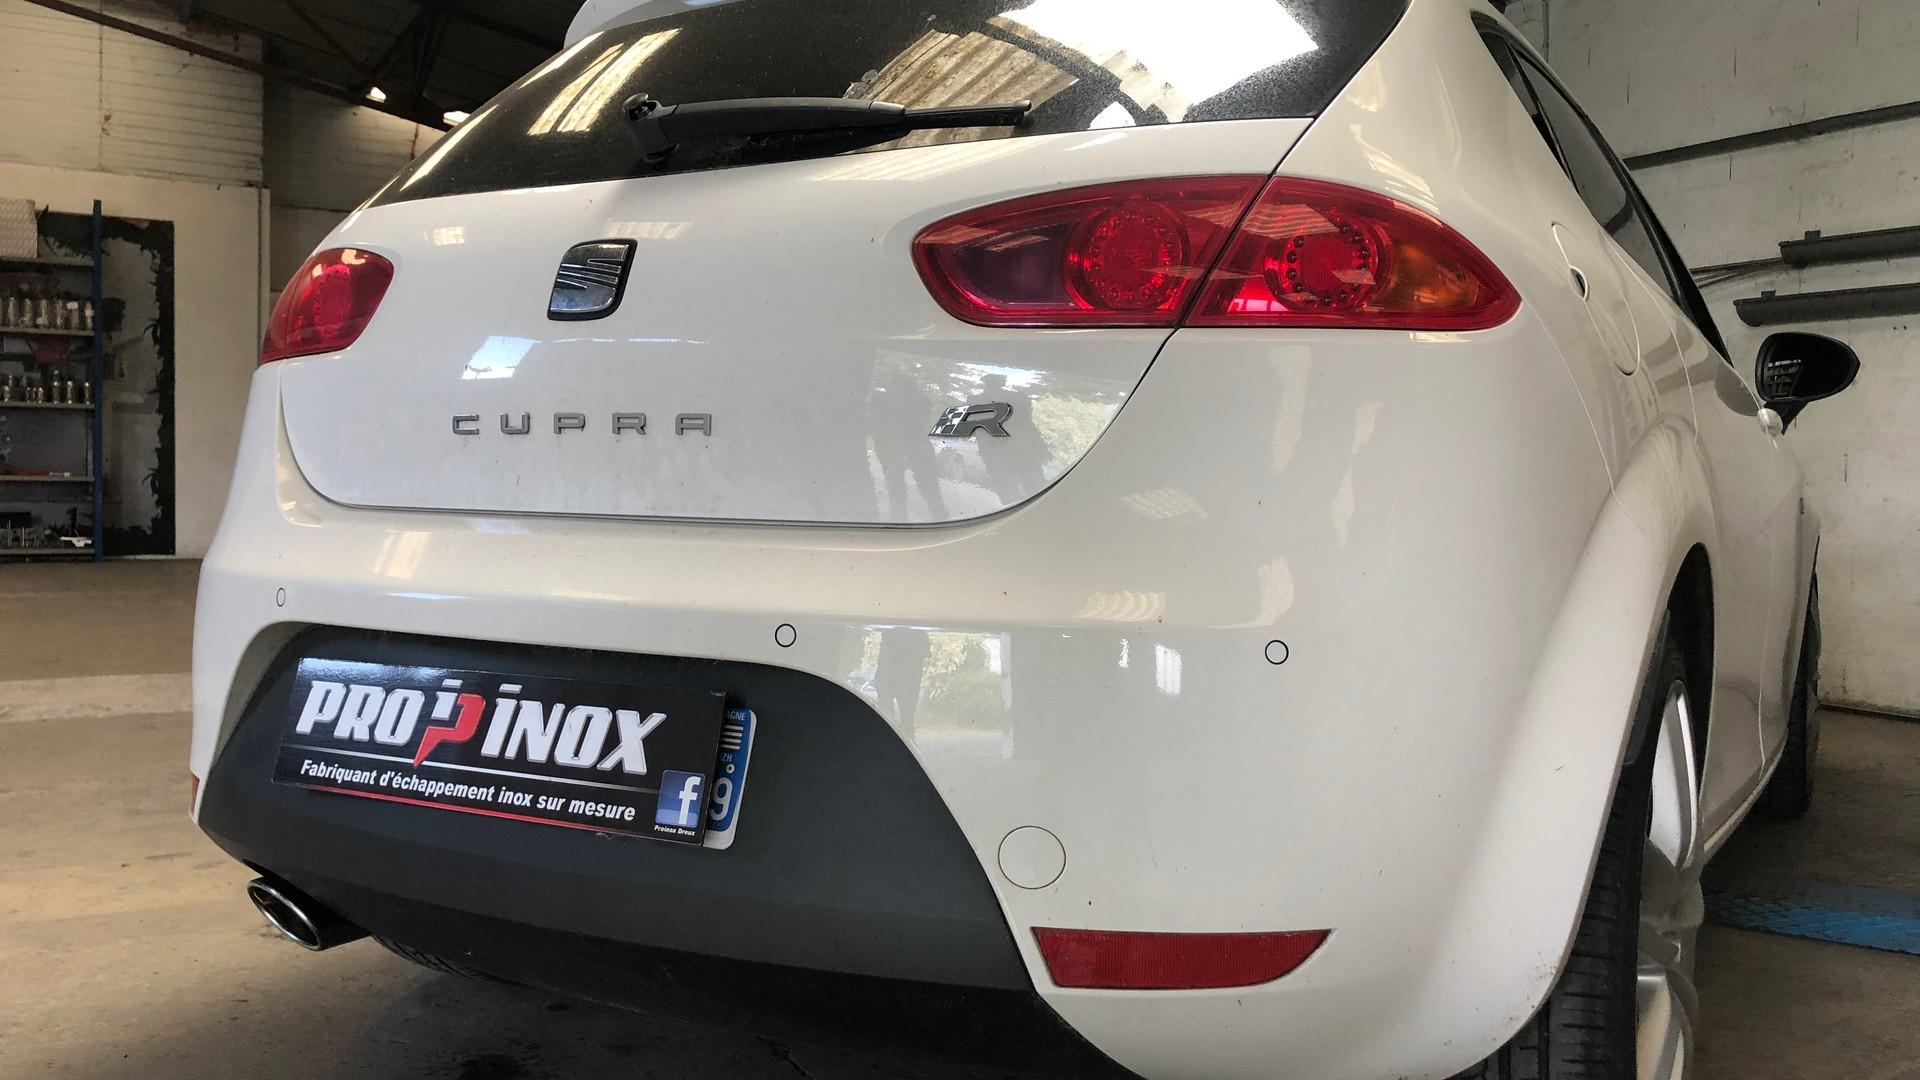 Proinox28 - echappement inox Seat Leon Cupra R